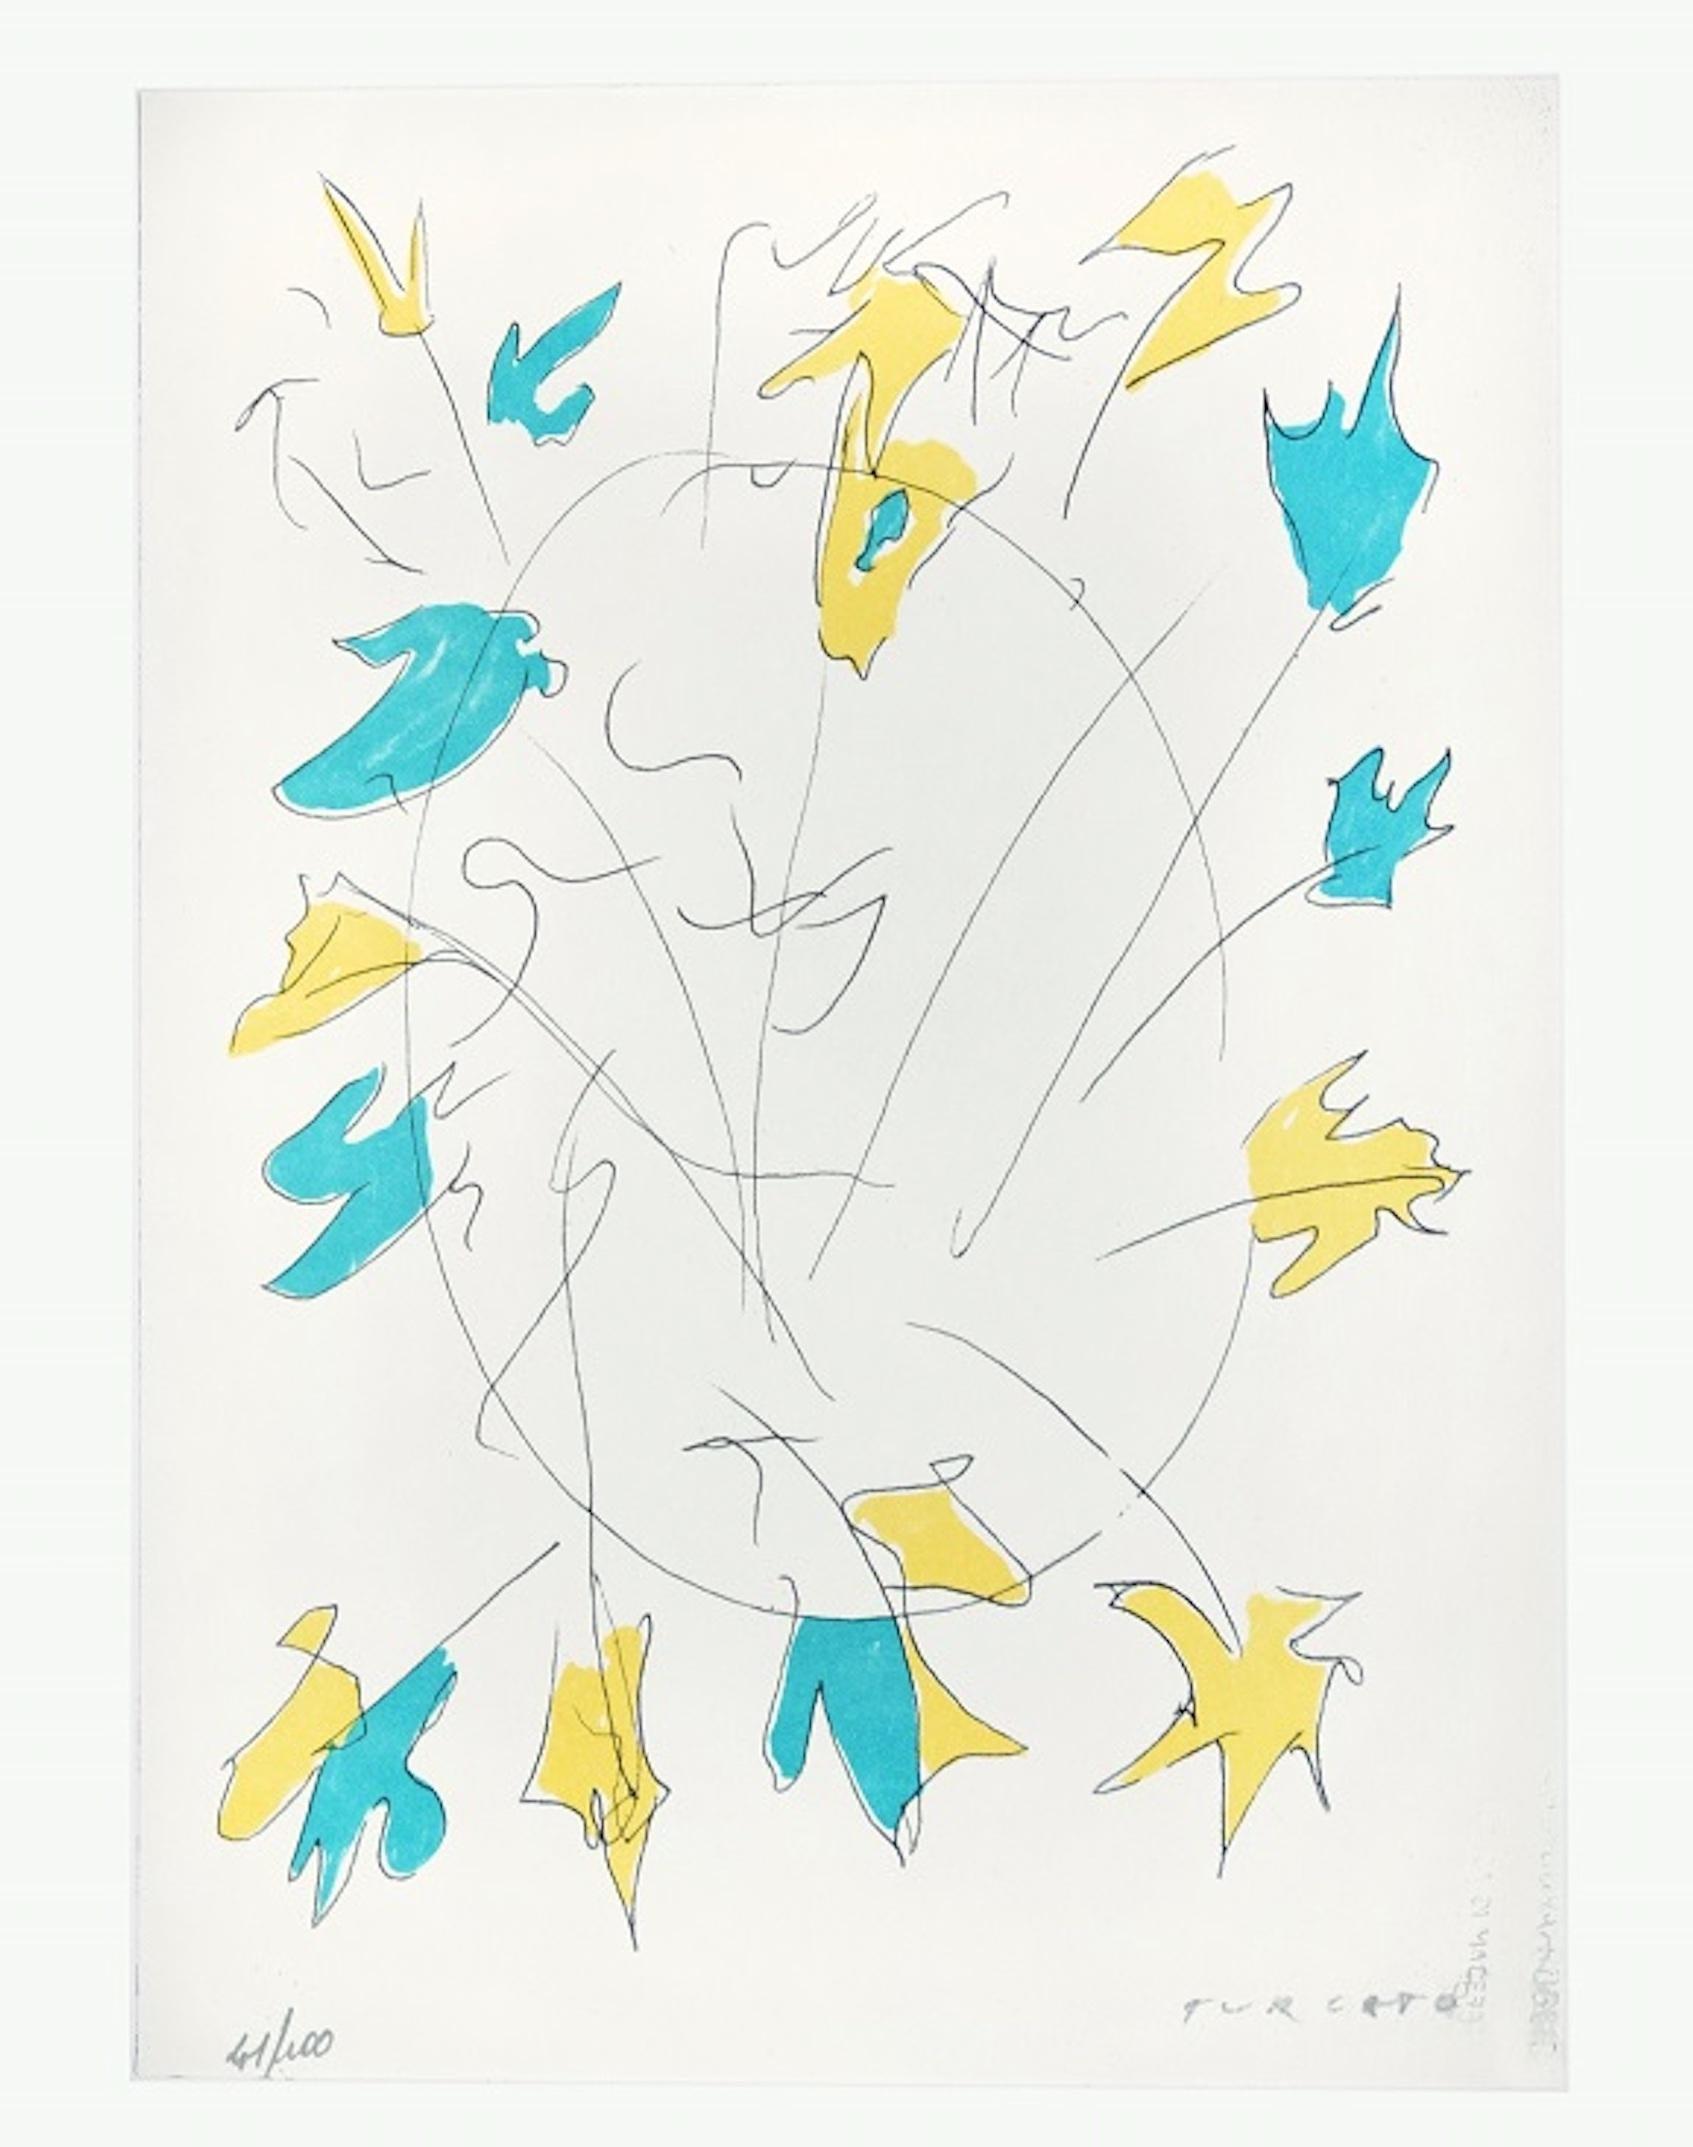 Untitled - Original Screen Print by Giulio Turcato - 1970s